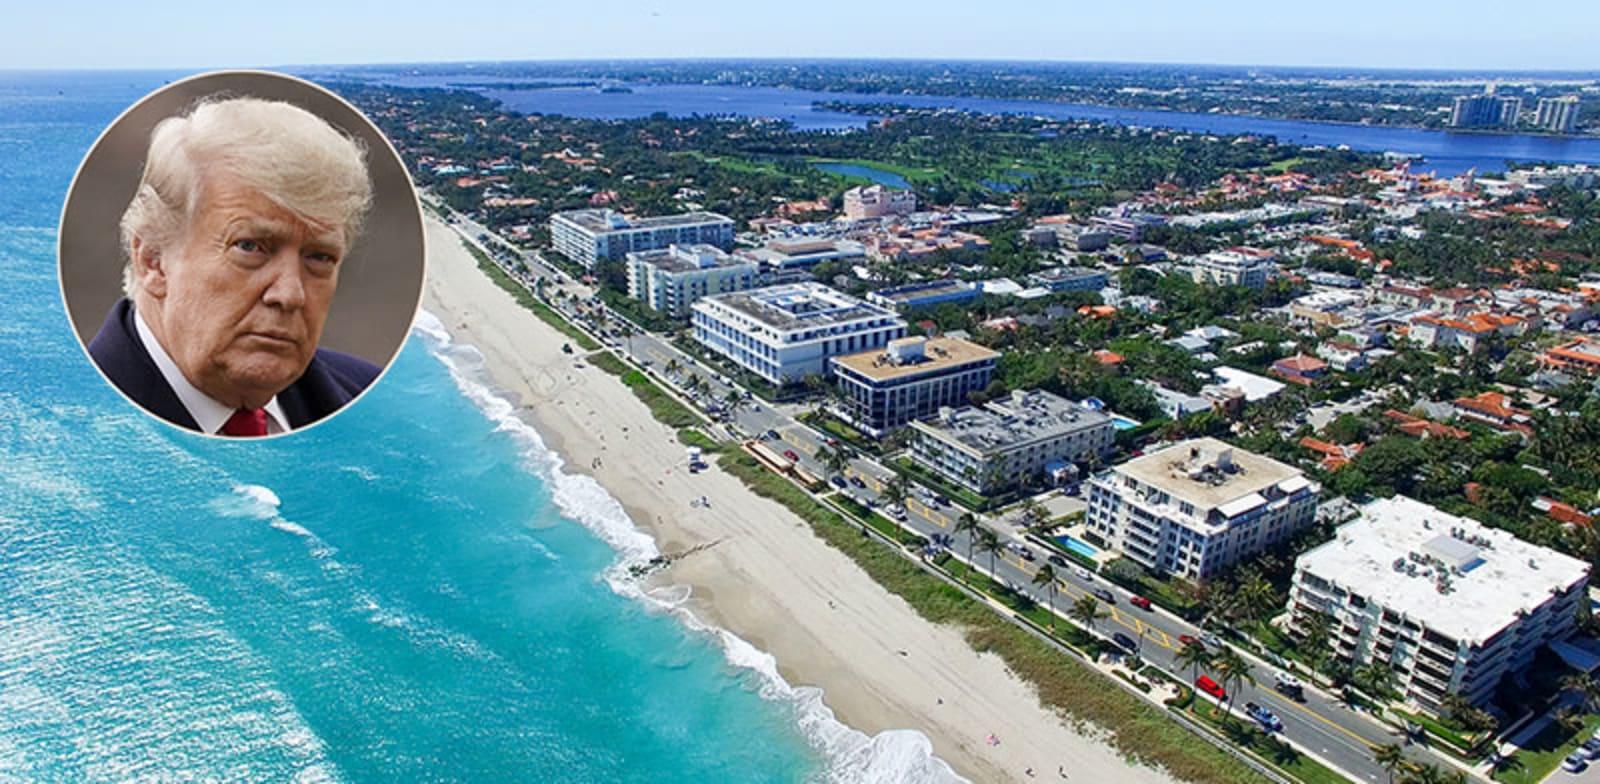 פאלם ביץ', פלורידה. הנכס נמכר עבור כ־140 מיליון דולר / צילום: Shutterstock